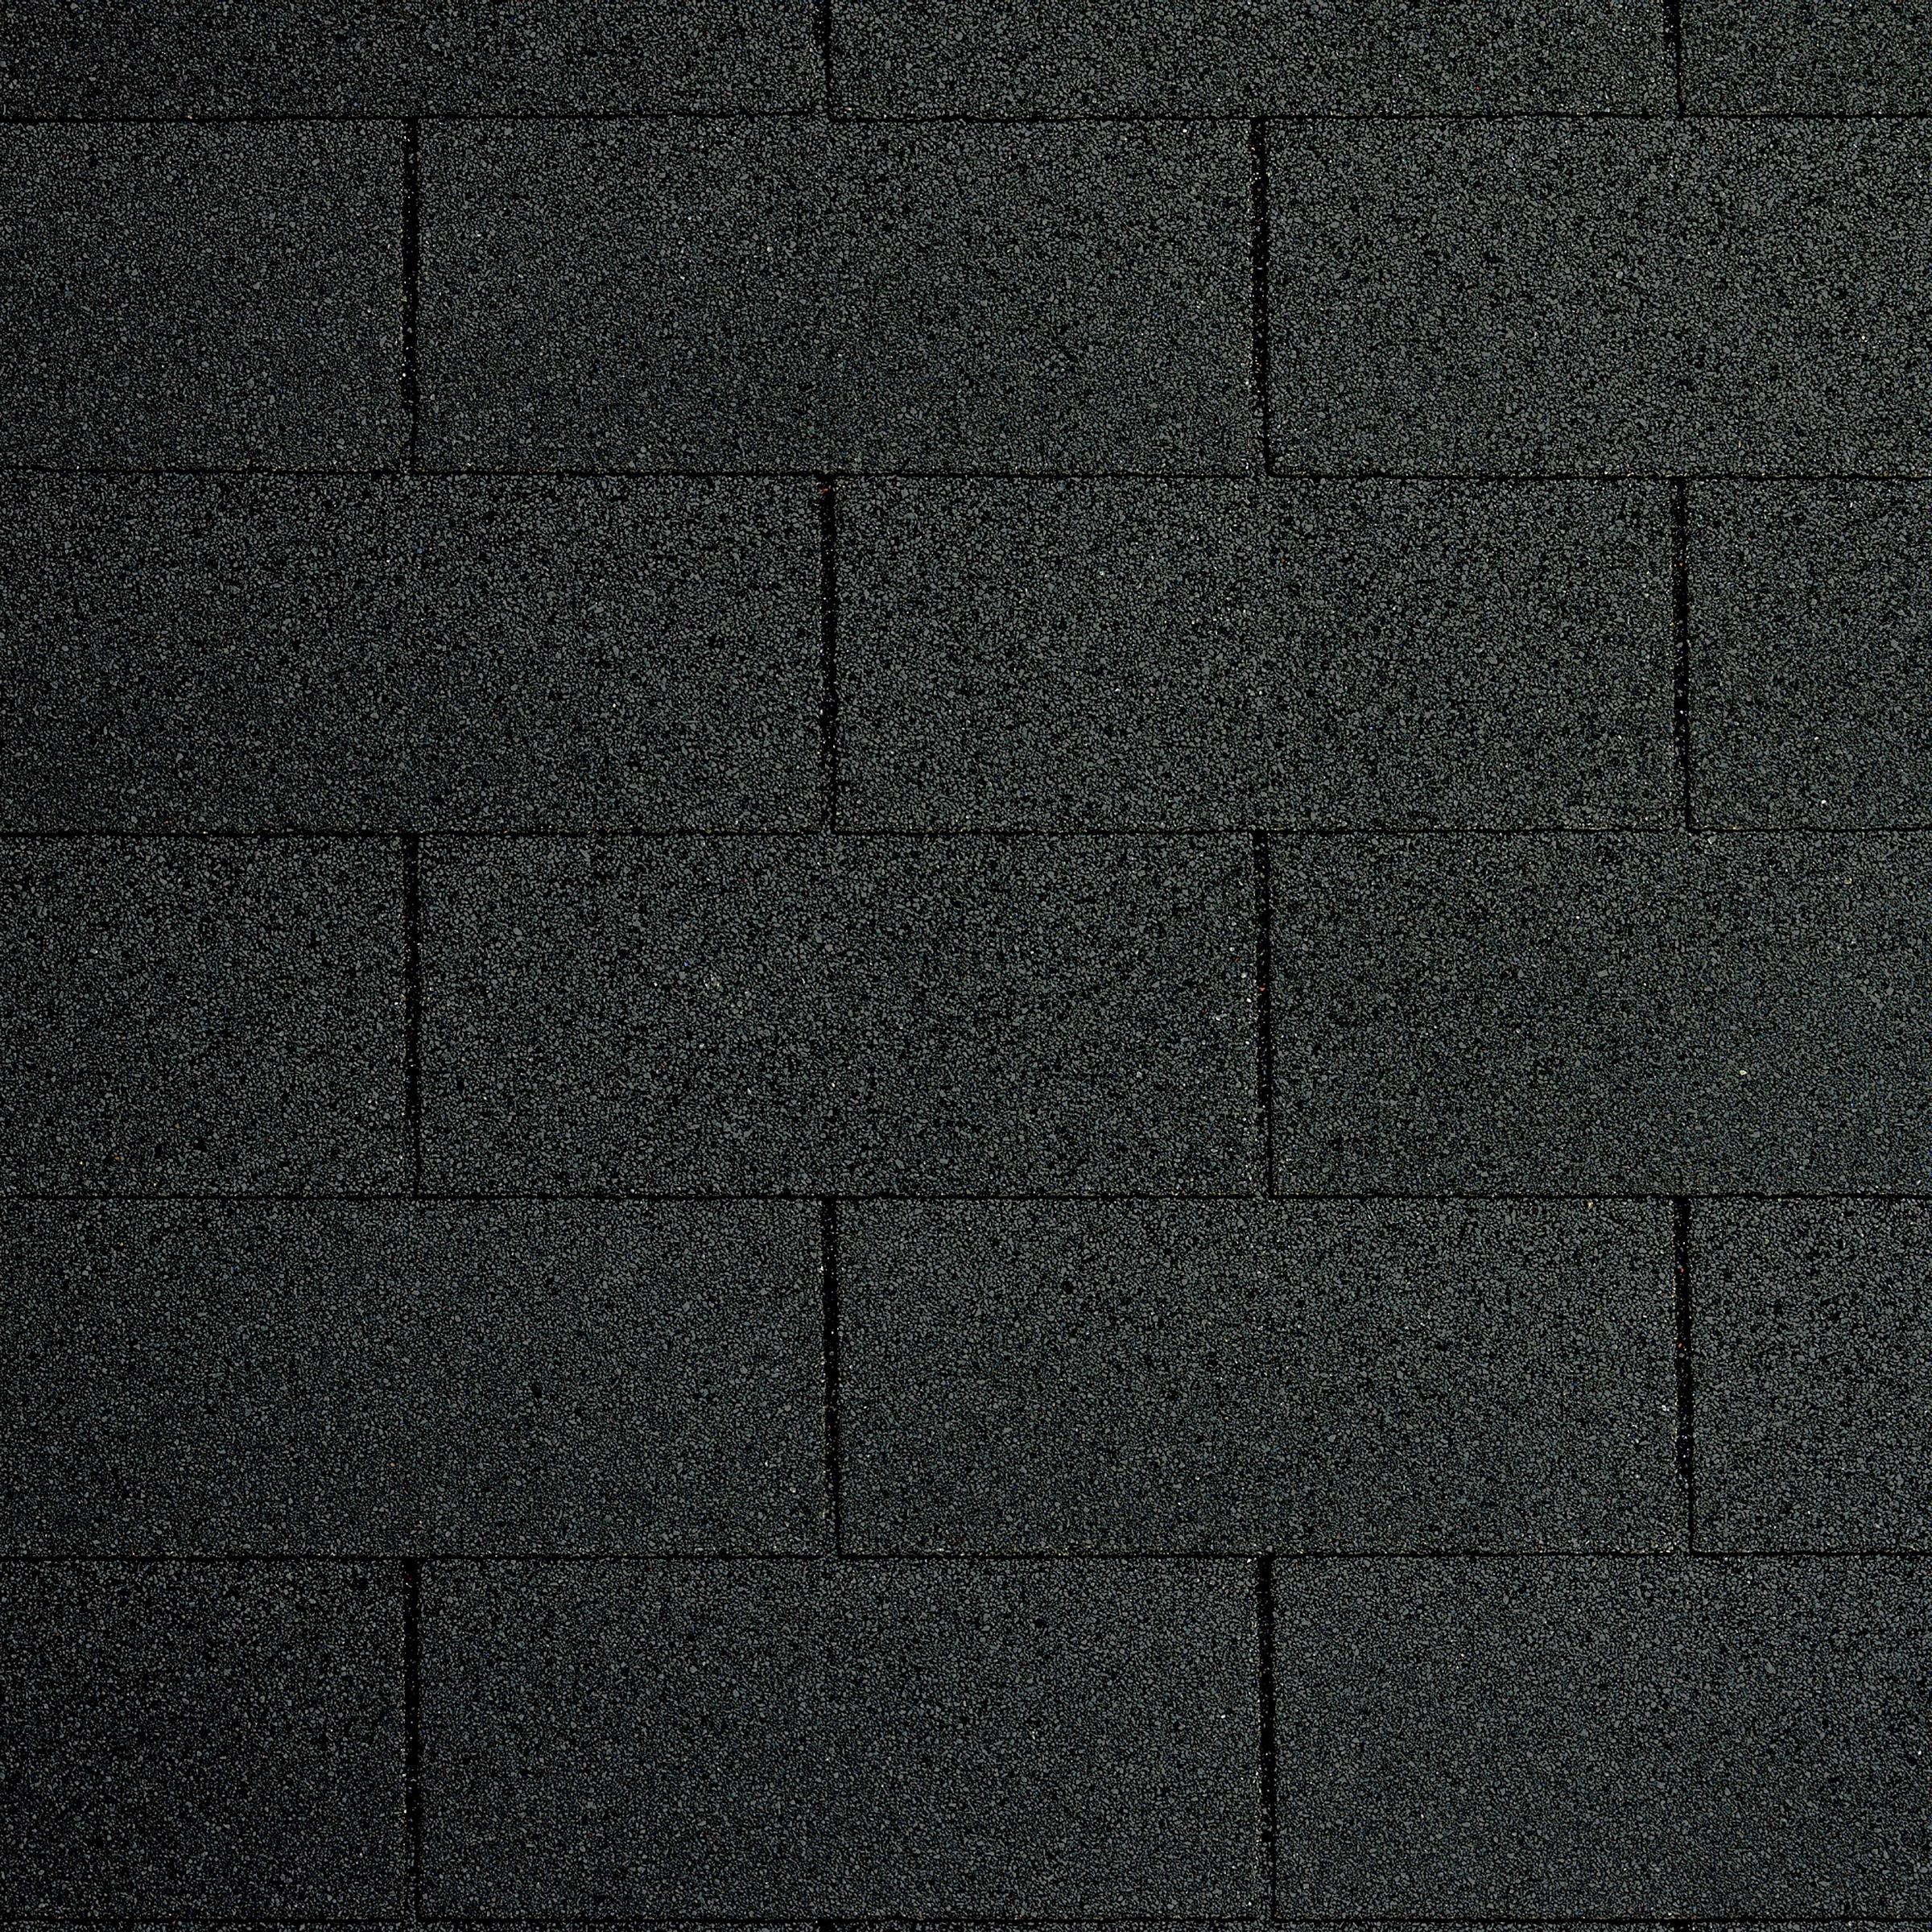 Shingles Zwart - 9 pakken voor 27m2 incl. nagels